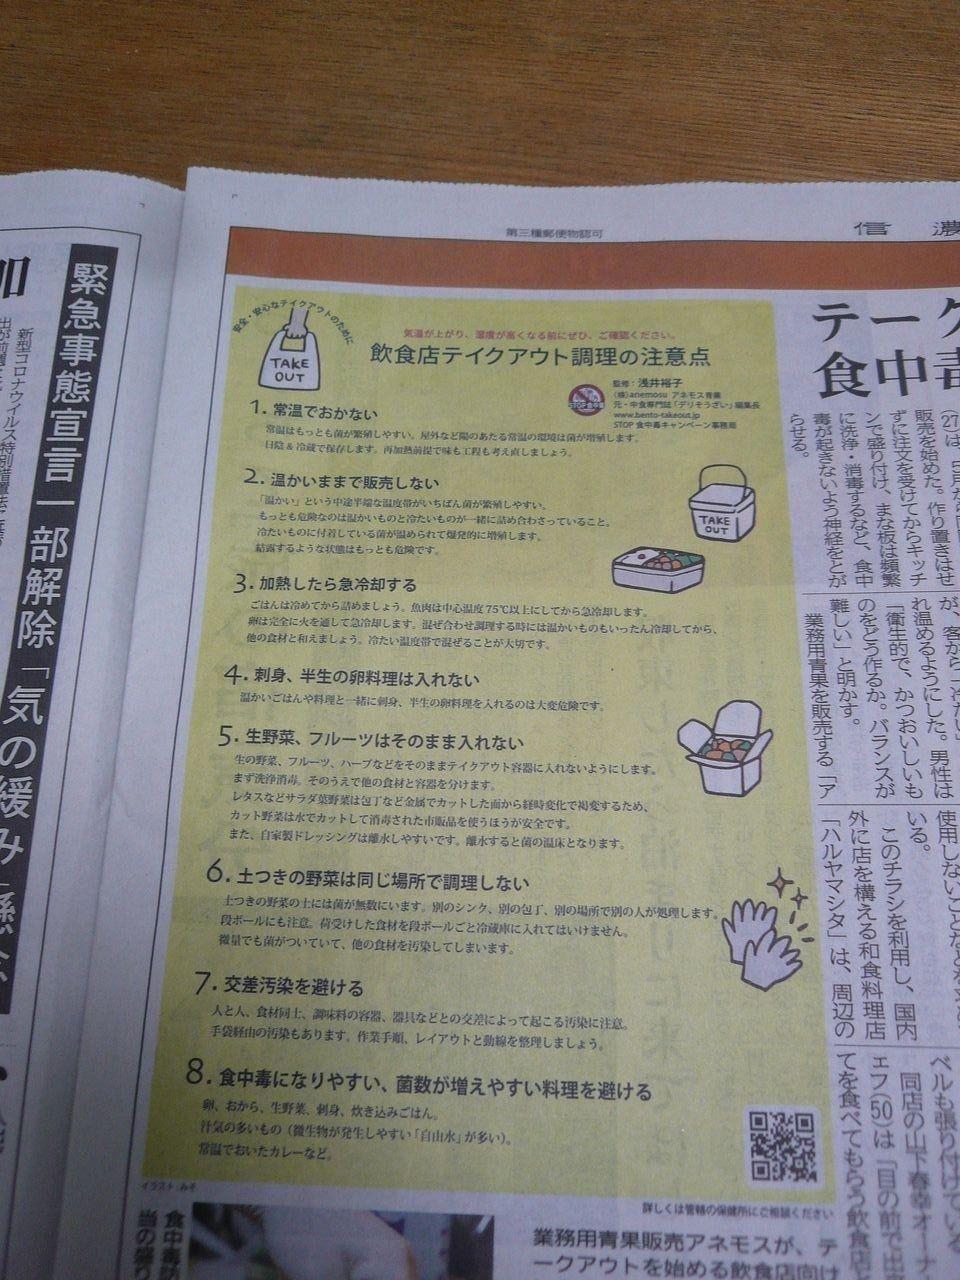 今日は新聞からの話題ですヽ(・∀・)ノ新型コロナウイルスの影響もあり、今やあちこちの店舗が導入しているテイクアウト。これからの季節の課題は、食中毒への注意です✩